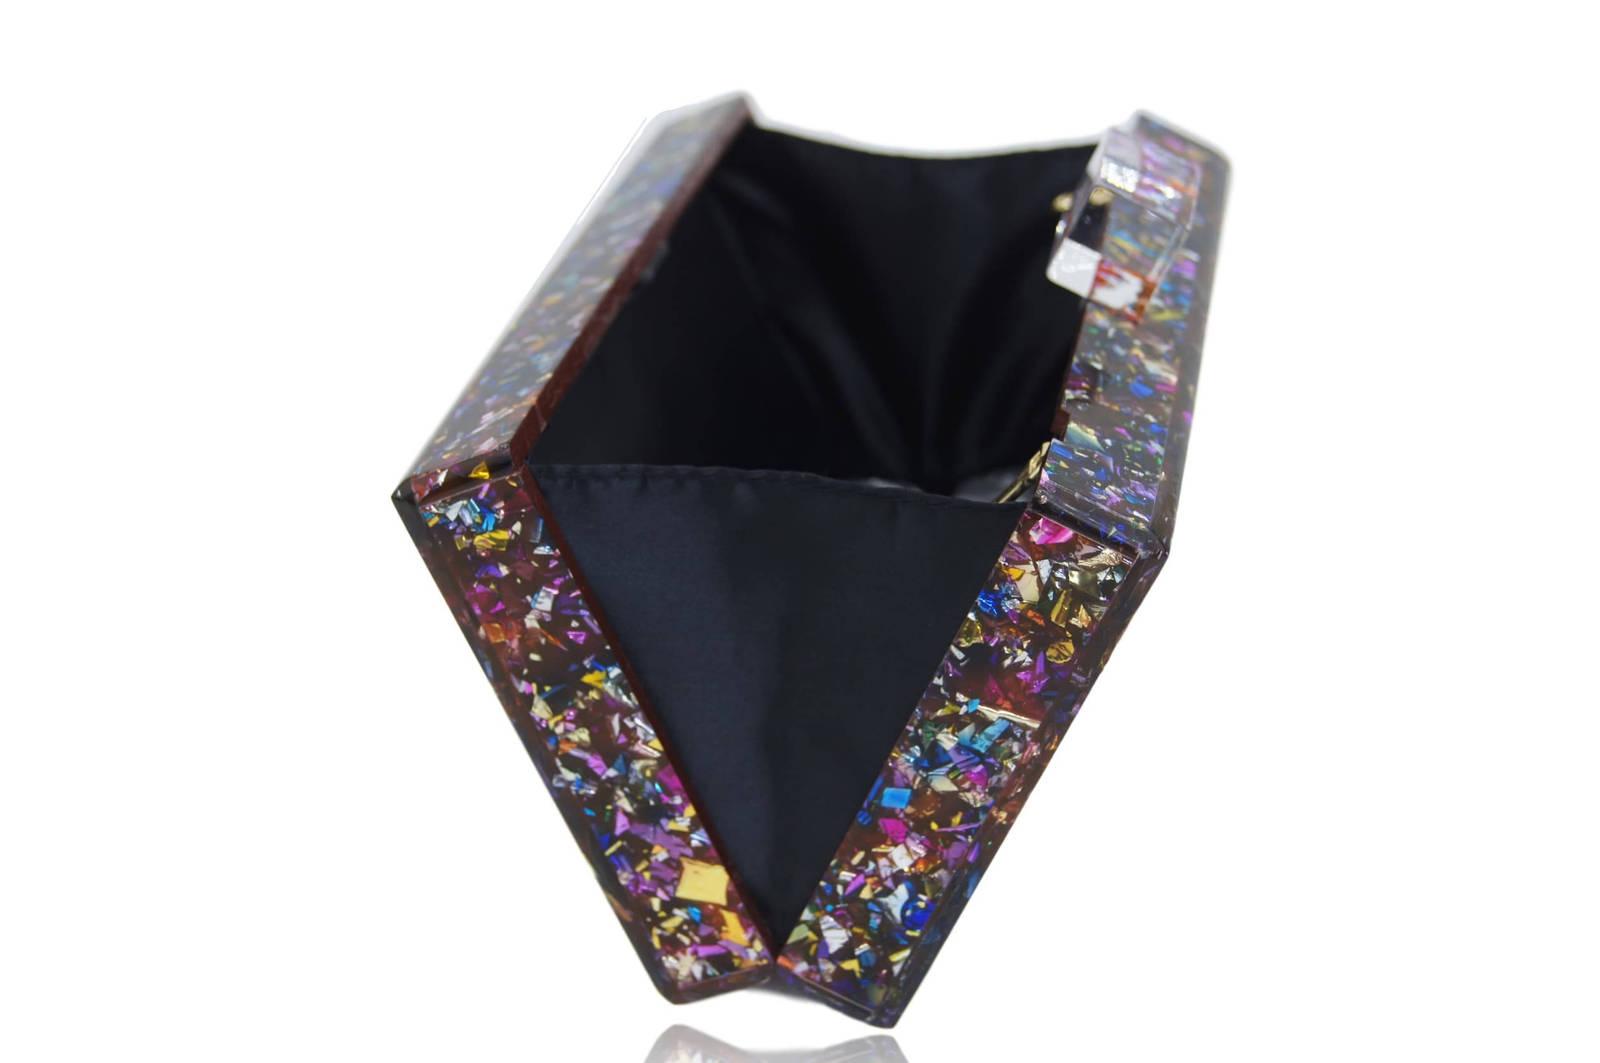 Milanblocks Colorful Confetti Acrylic Box Clutch